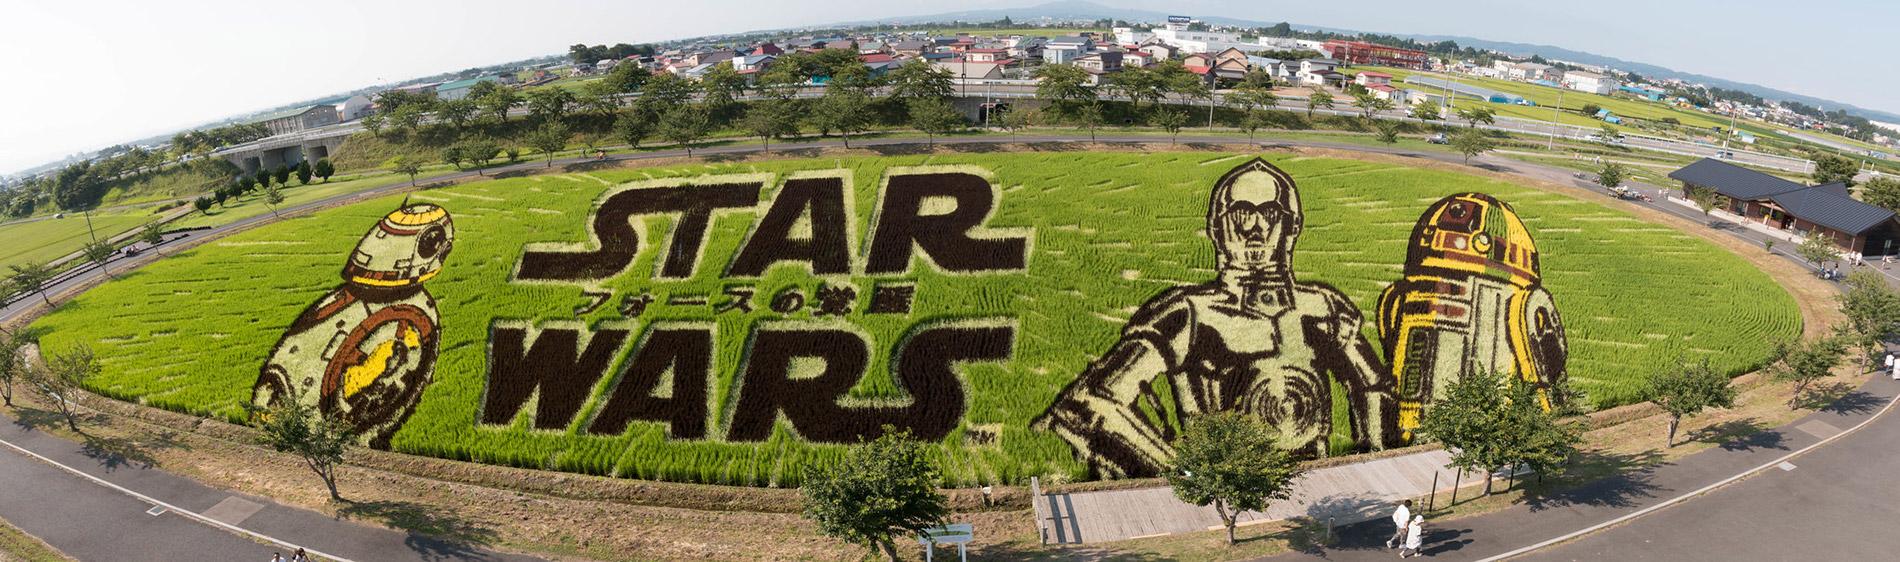 Reisfeldkunst mit einem Star Wars Motiv in Inakadate.